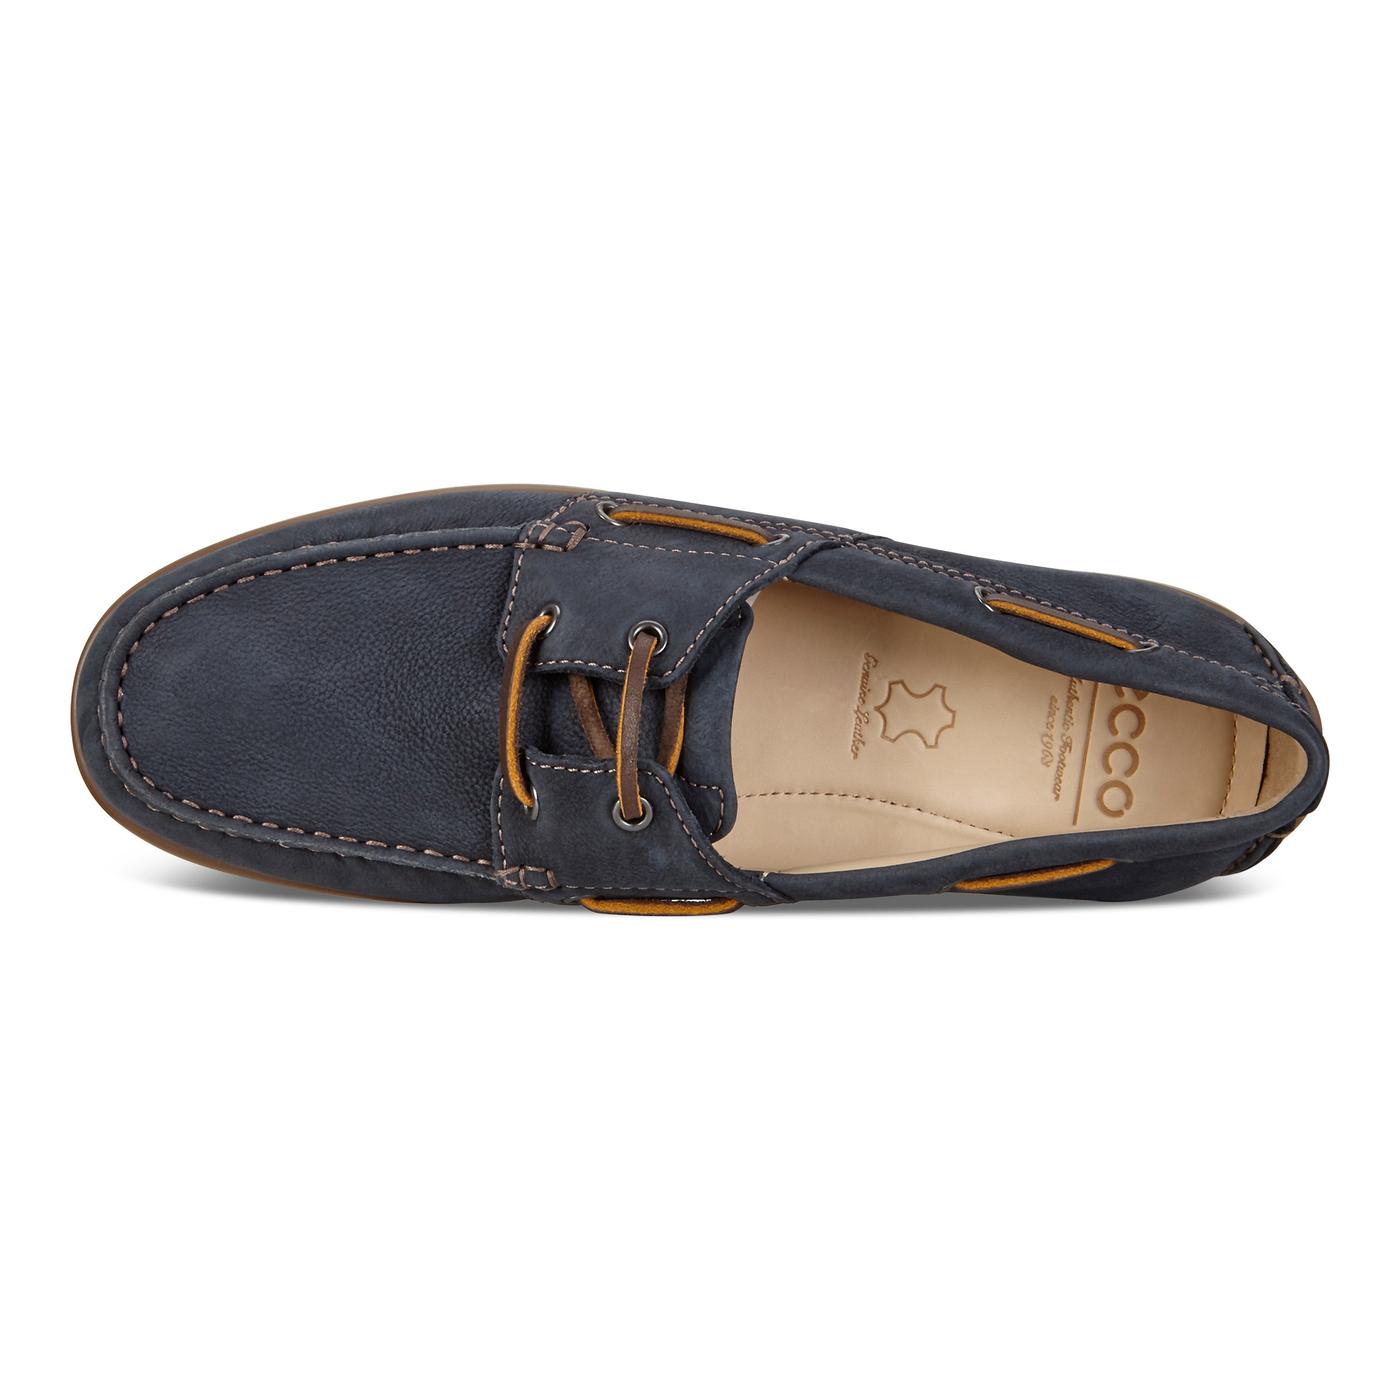 7716a8f5 ECCO Classic Moc 2.0 | Men | Formal Shoes | ECCO® Shoes